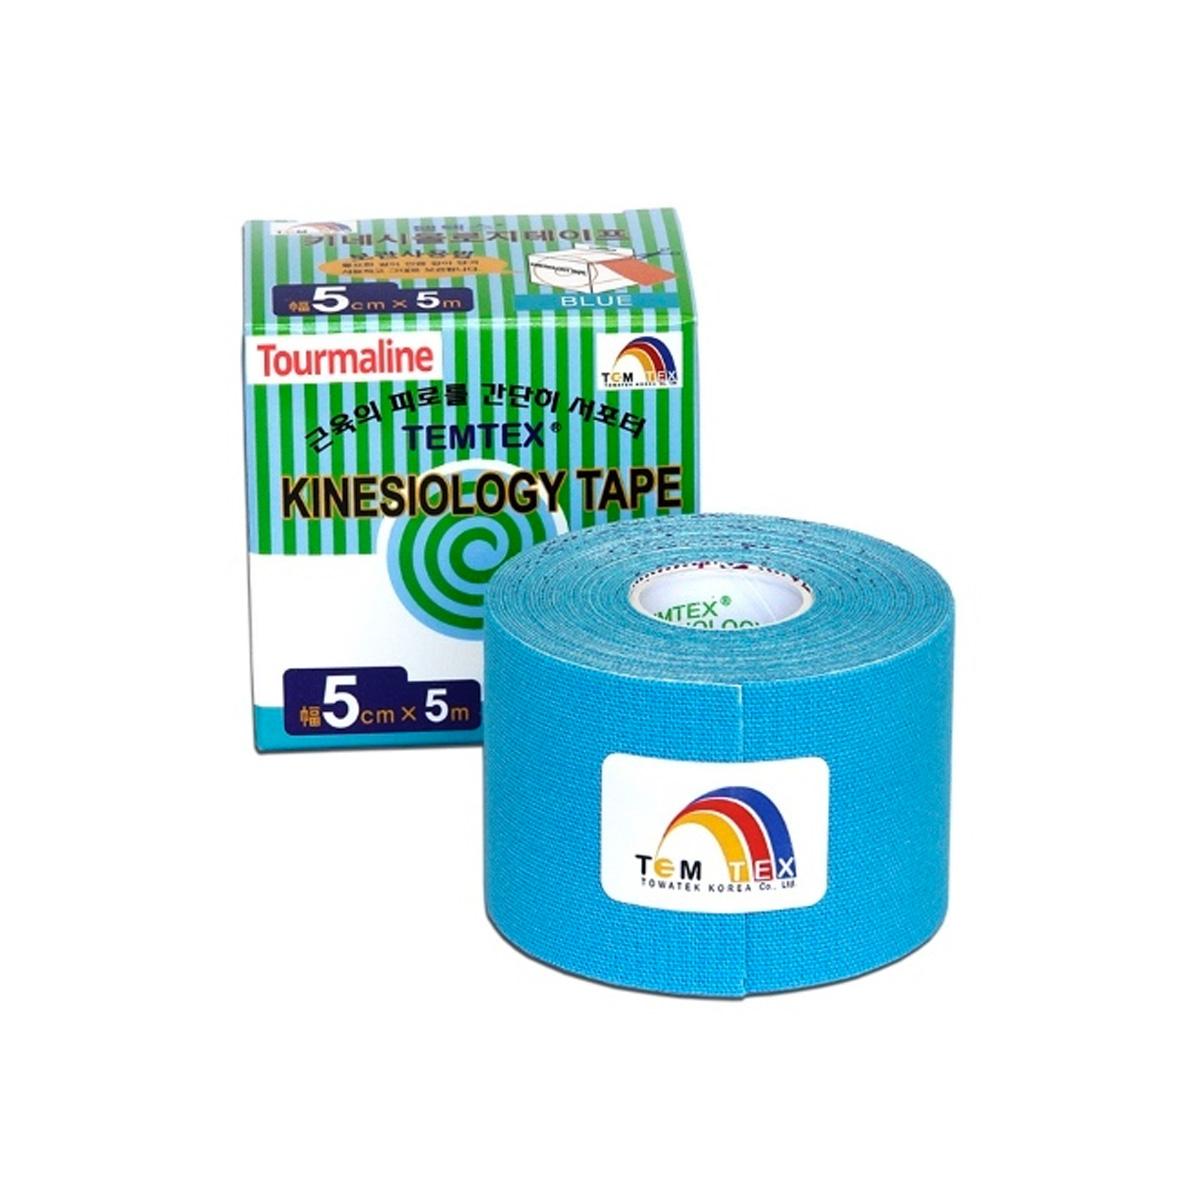 Temtex kinesio tape Tourmaline modrá 5cm x 5m